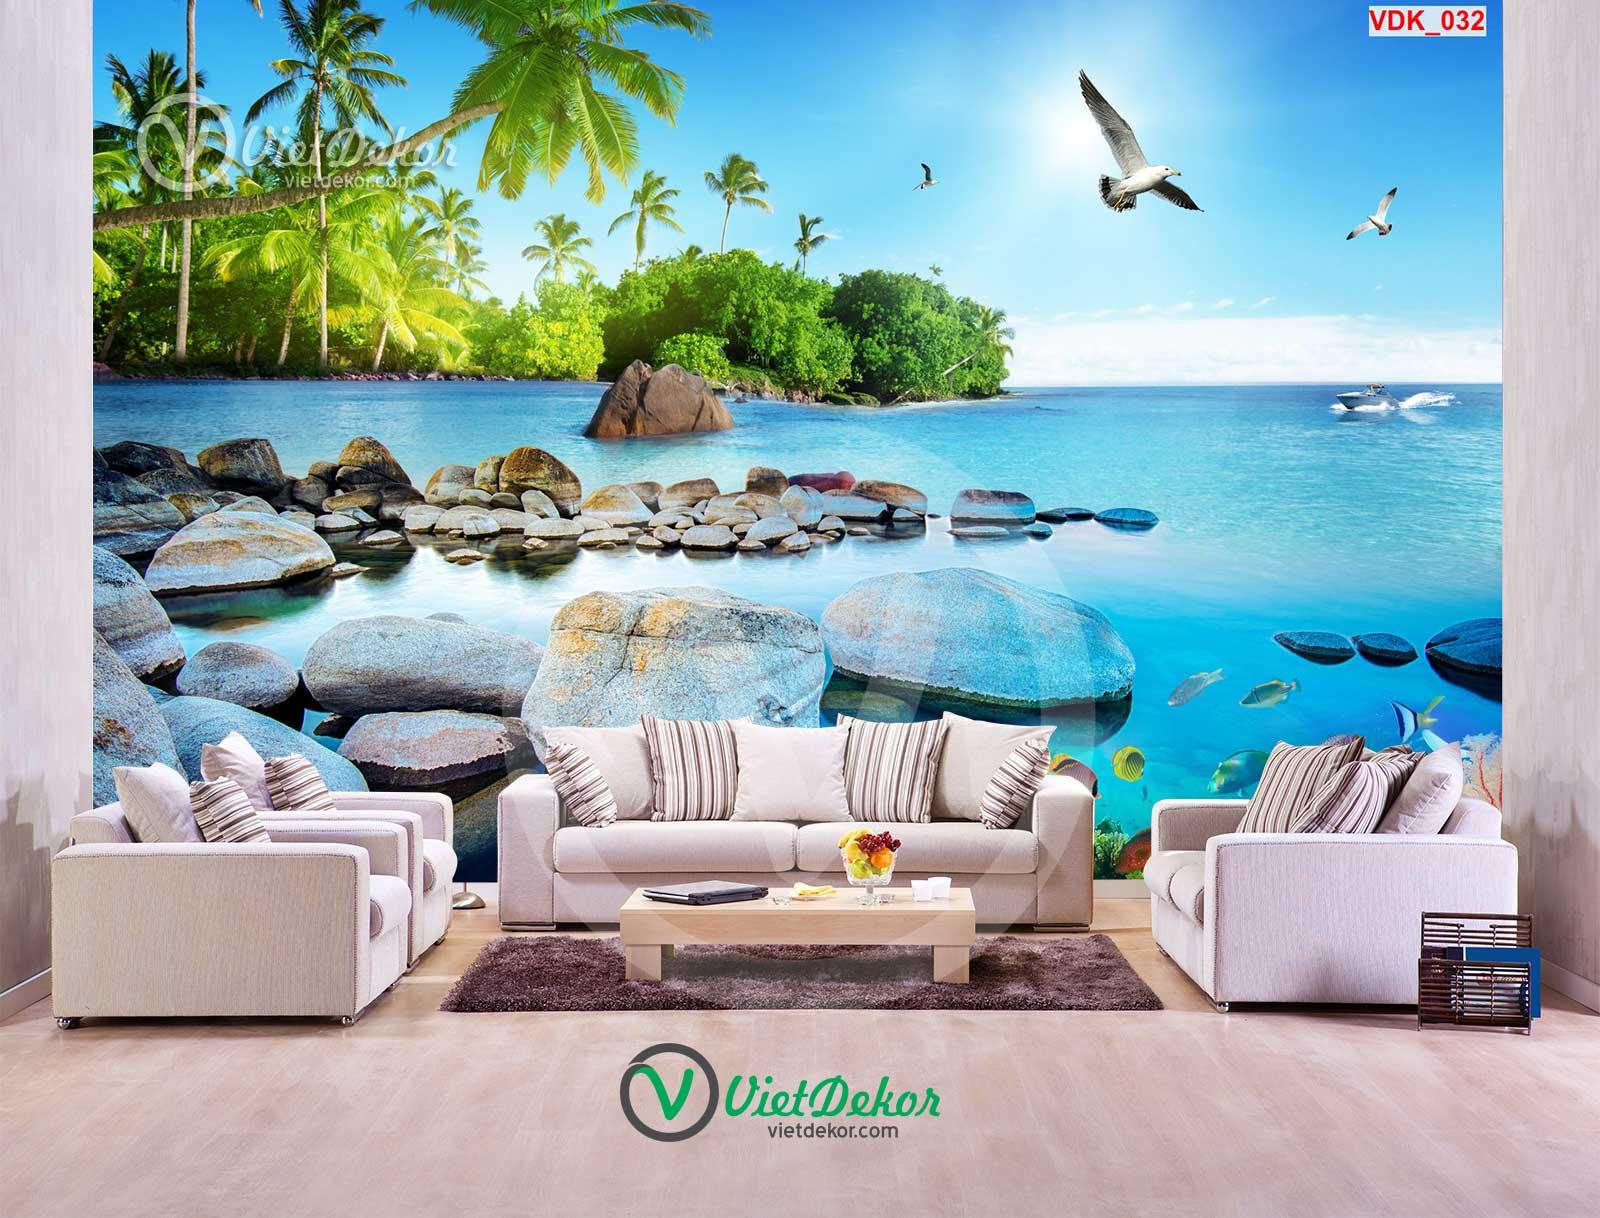 Tranh dán tường 3d phong cảnh bãi biển rừng cây